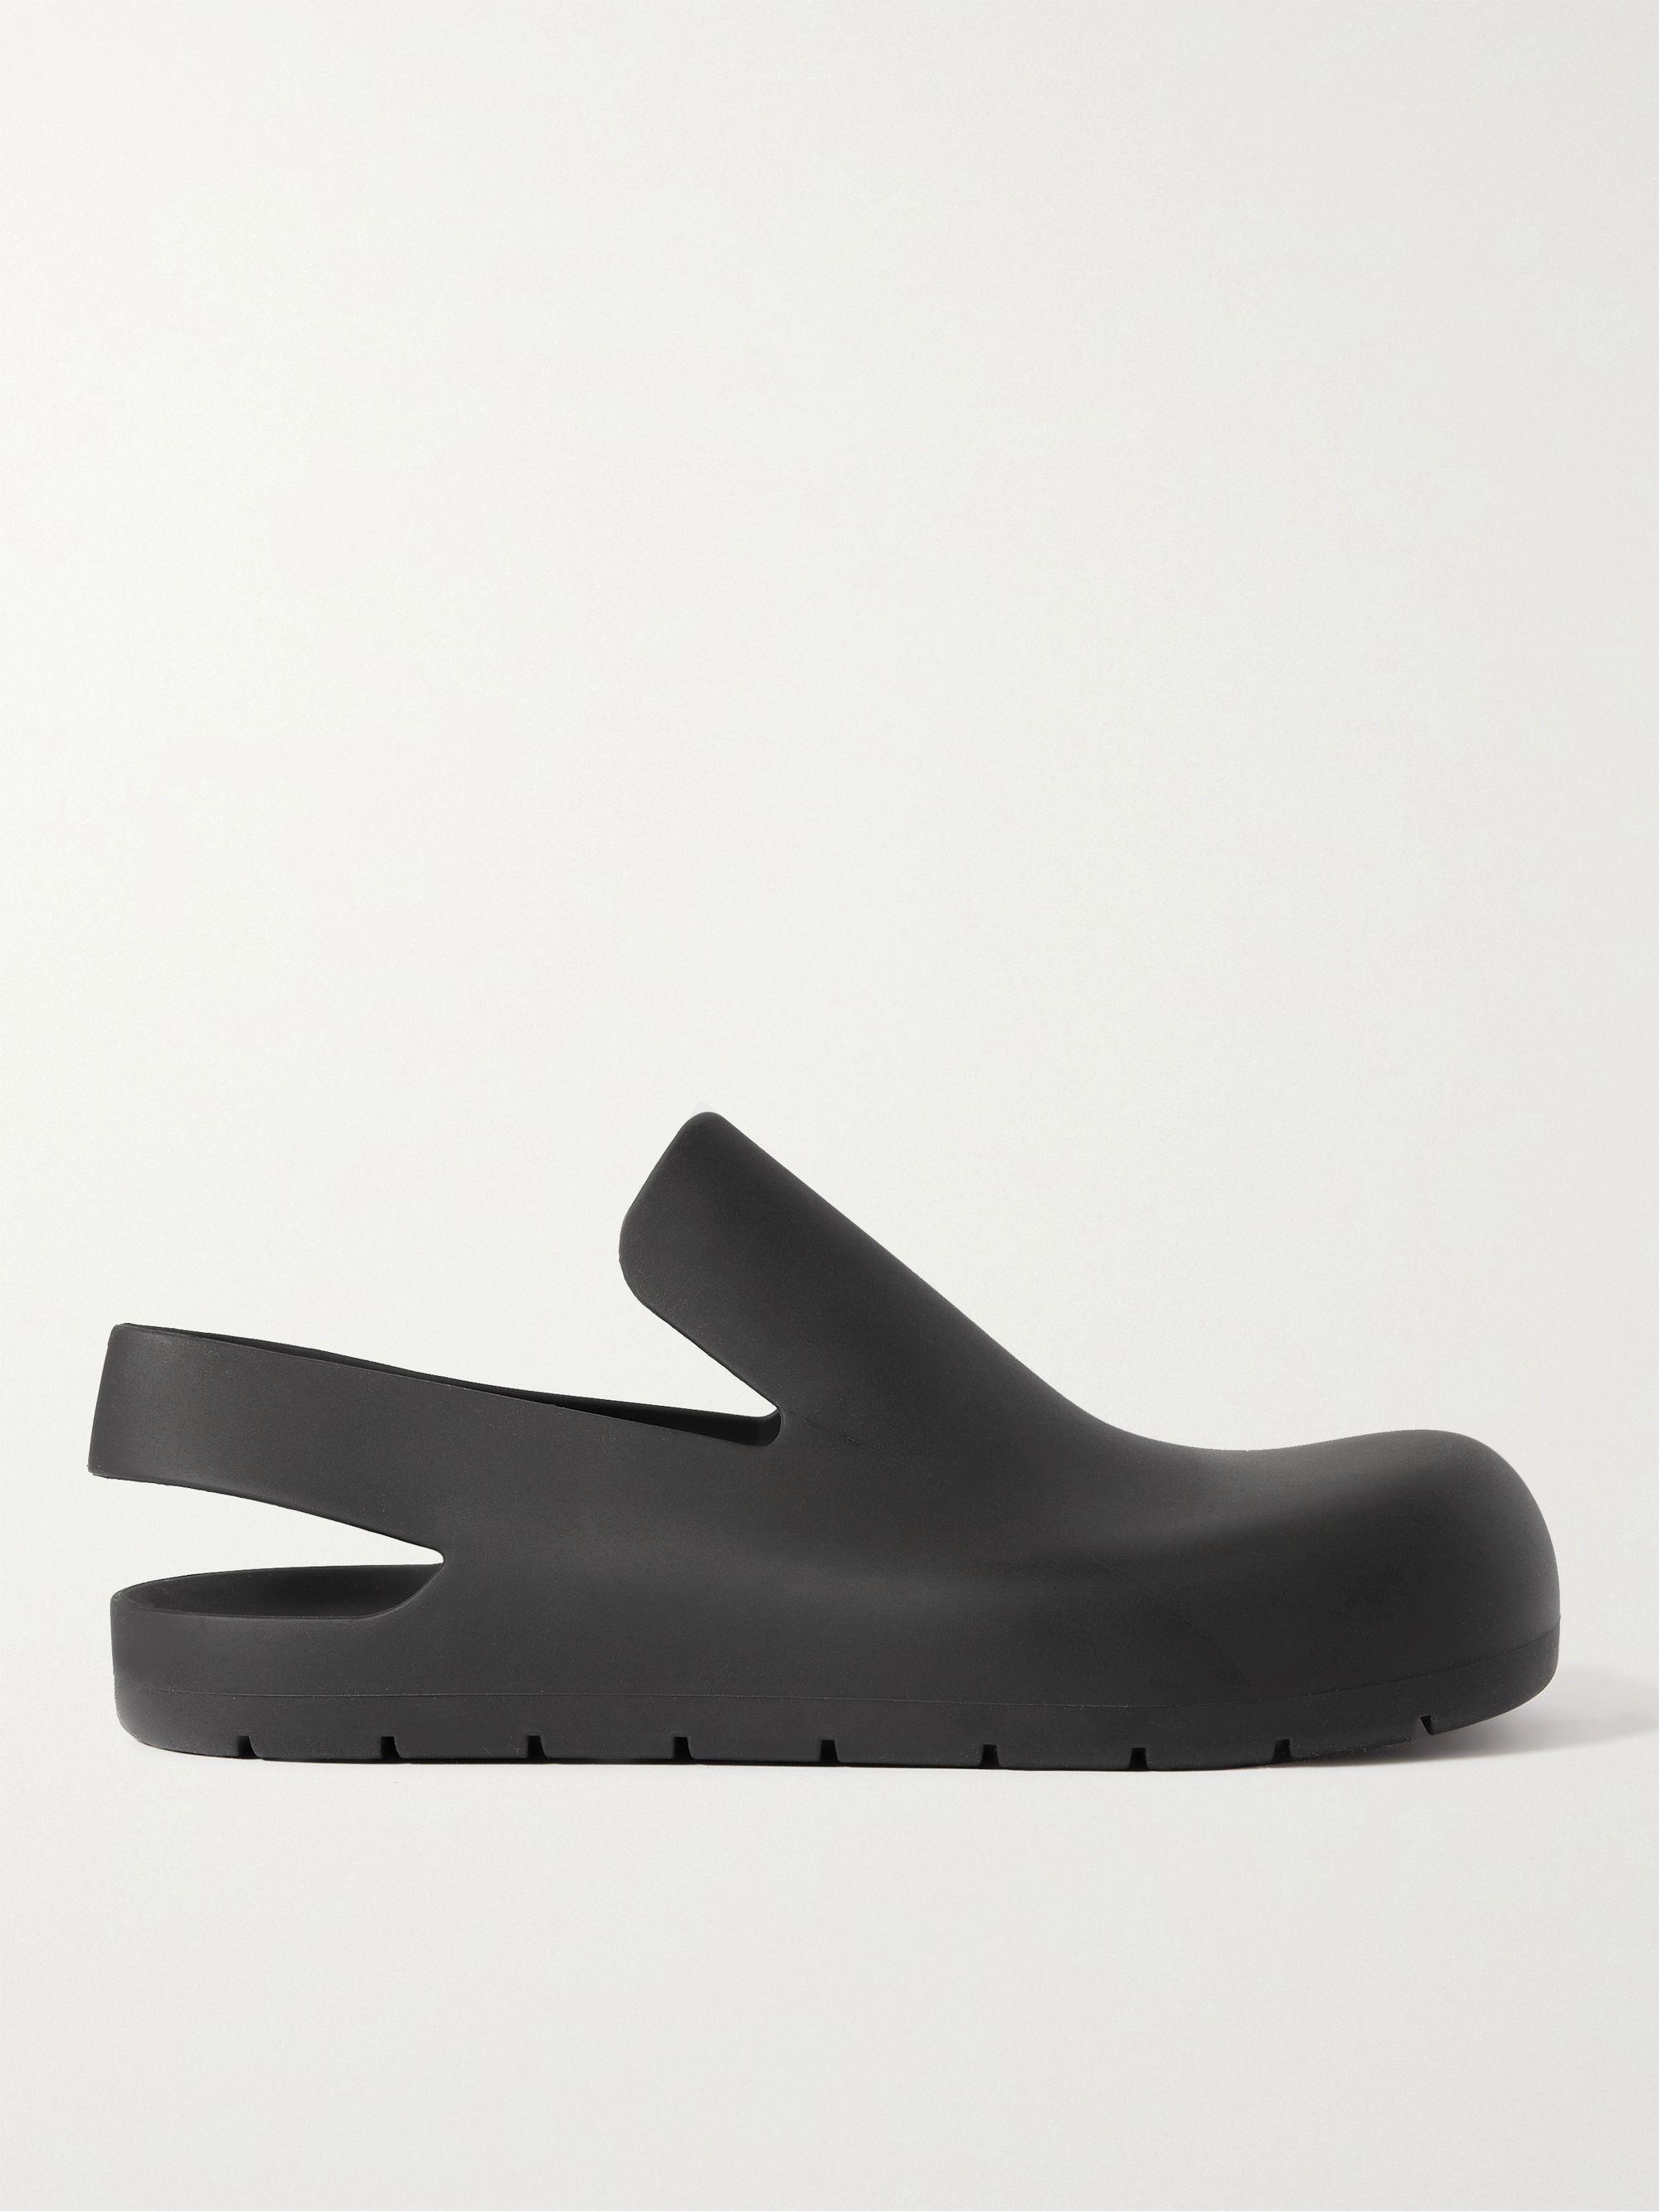 보테가 베네타 Bottega Veneta Rubber Sandals,Black